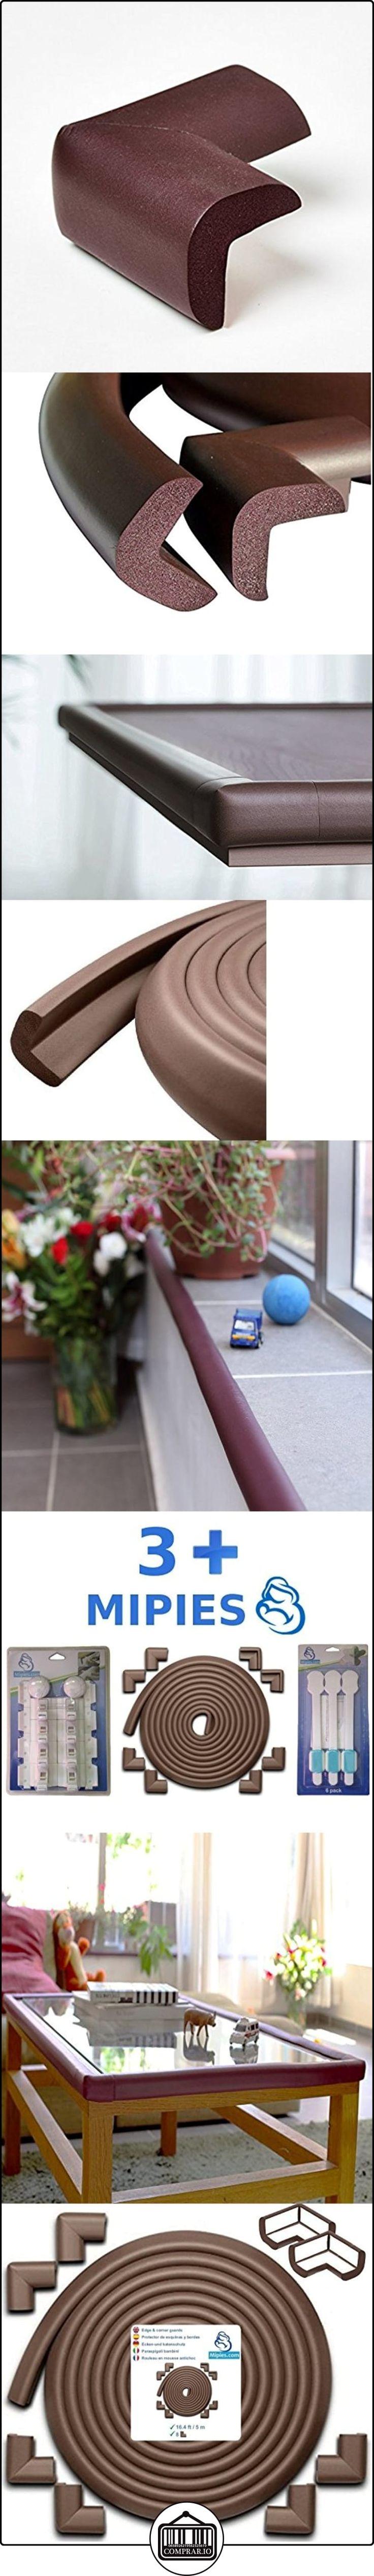 Rollo Protector de Esquinas y Bordes para Bebes y Niños | Aumenta la Seguridad del Bebe en cualquier tipo de Muebles | Rollo acolchado goma de 5 metros y 8 esquinas Antigolpes | 100% Garantía y Envío Gratuito  ✿ Seguridad para tu bebé - (Protege a tus hijos) ✿ ▬► Ver oferta: http://comprar.io/goto/B01LYK3T3G